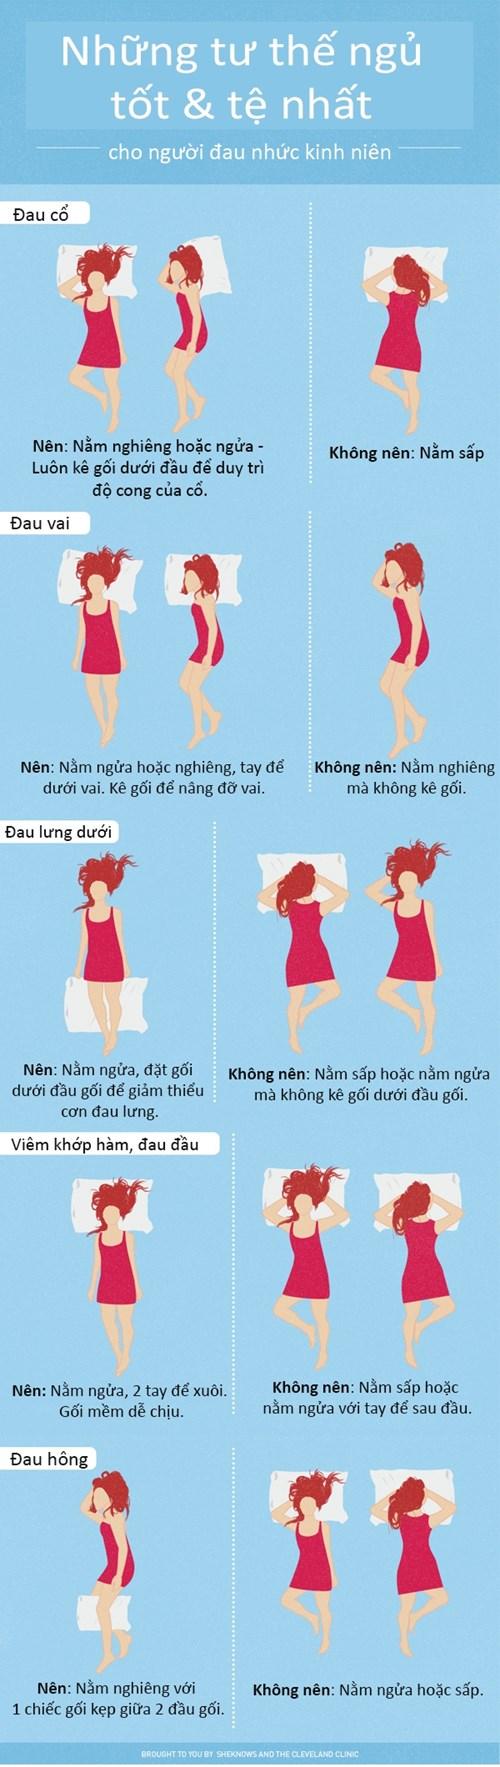 Những tư thế ngủ cho người hay bị nhức đầu